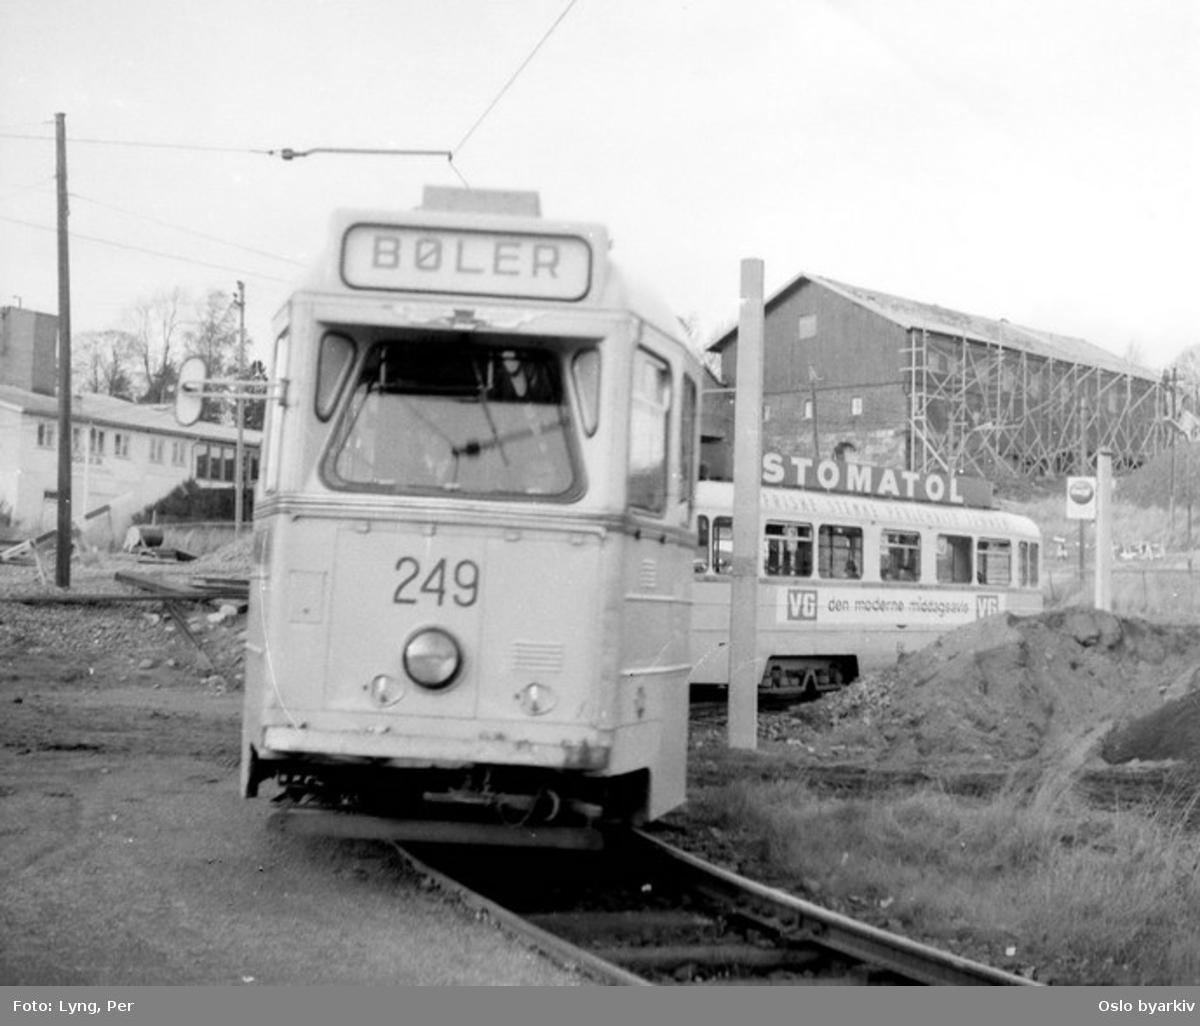 Oslo Sporveier. Bølertrikken, trikk motorvogn 249 type Høka MBO med tilhenger på linje 3, Østbanen-Bøler, på vei rundt endesløyfa en av de siste dagene (i oktober 1967) med trikk på Østensjøbanen. (T-banedrift til Skullerud fra samme år.)